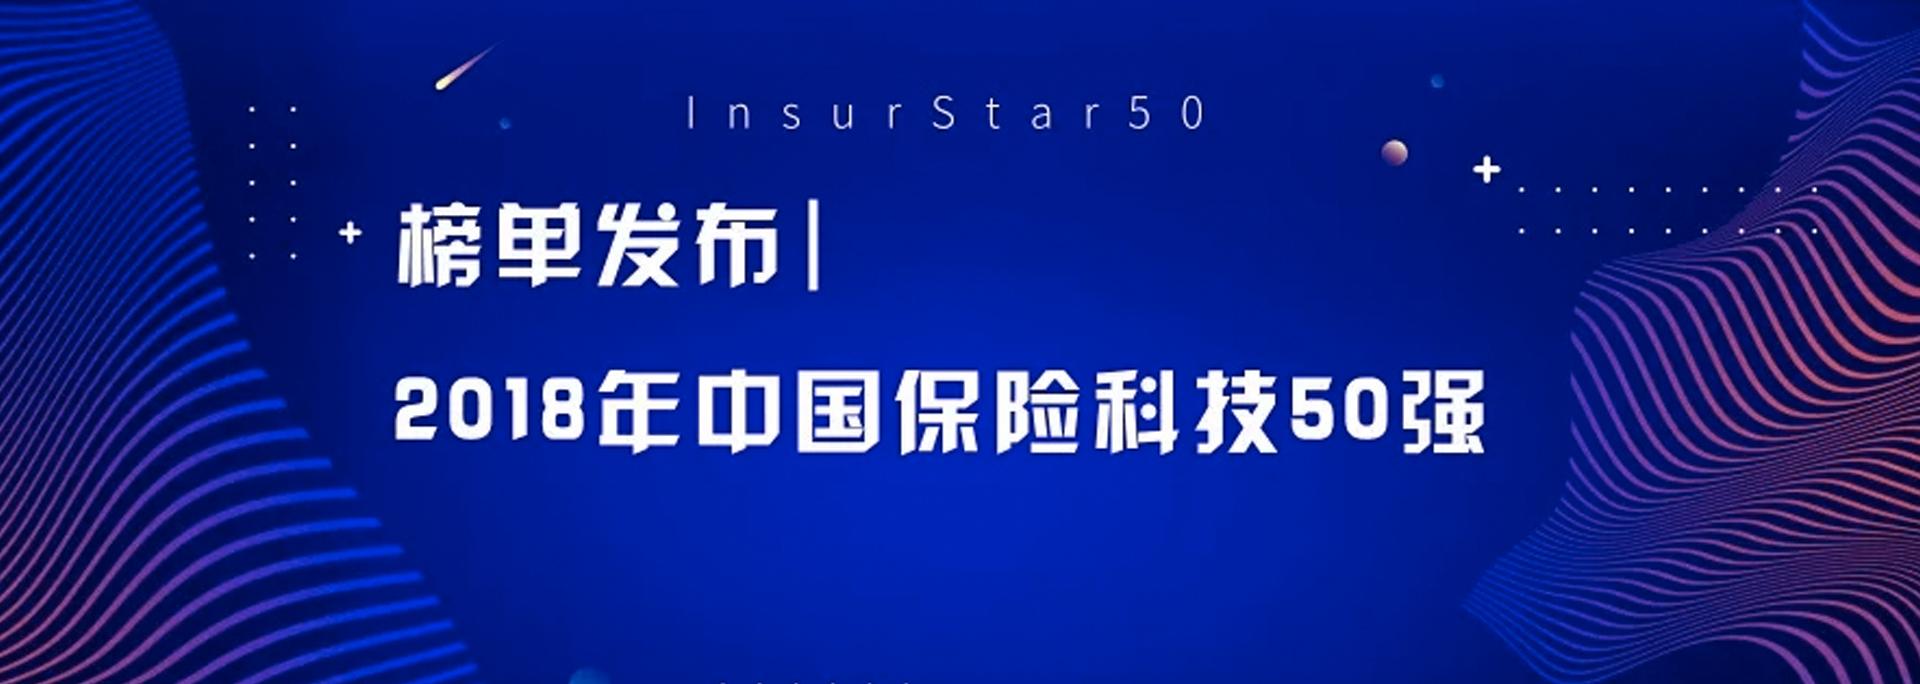 """捷报   同盾科技入选""""InsurStar 50—中国保险科技50强"""